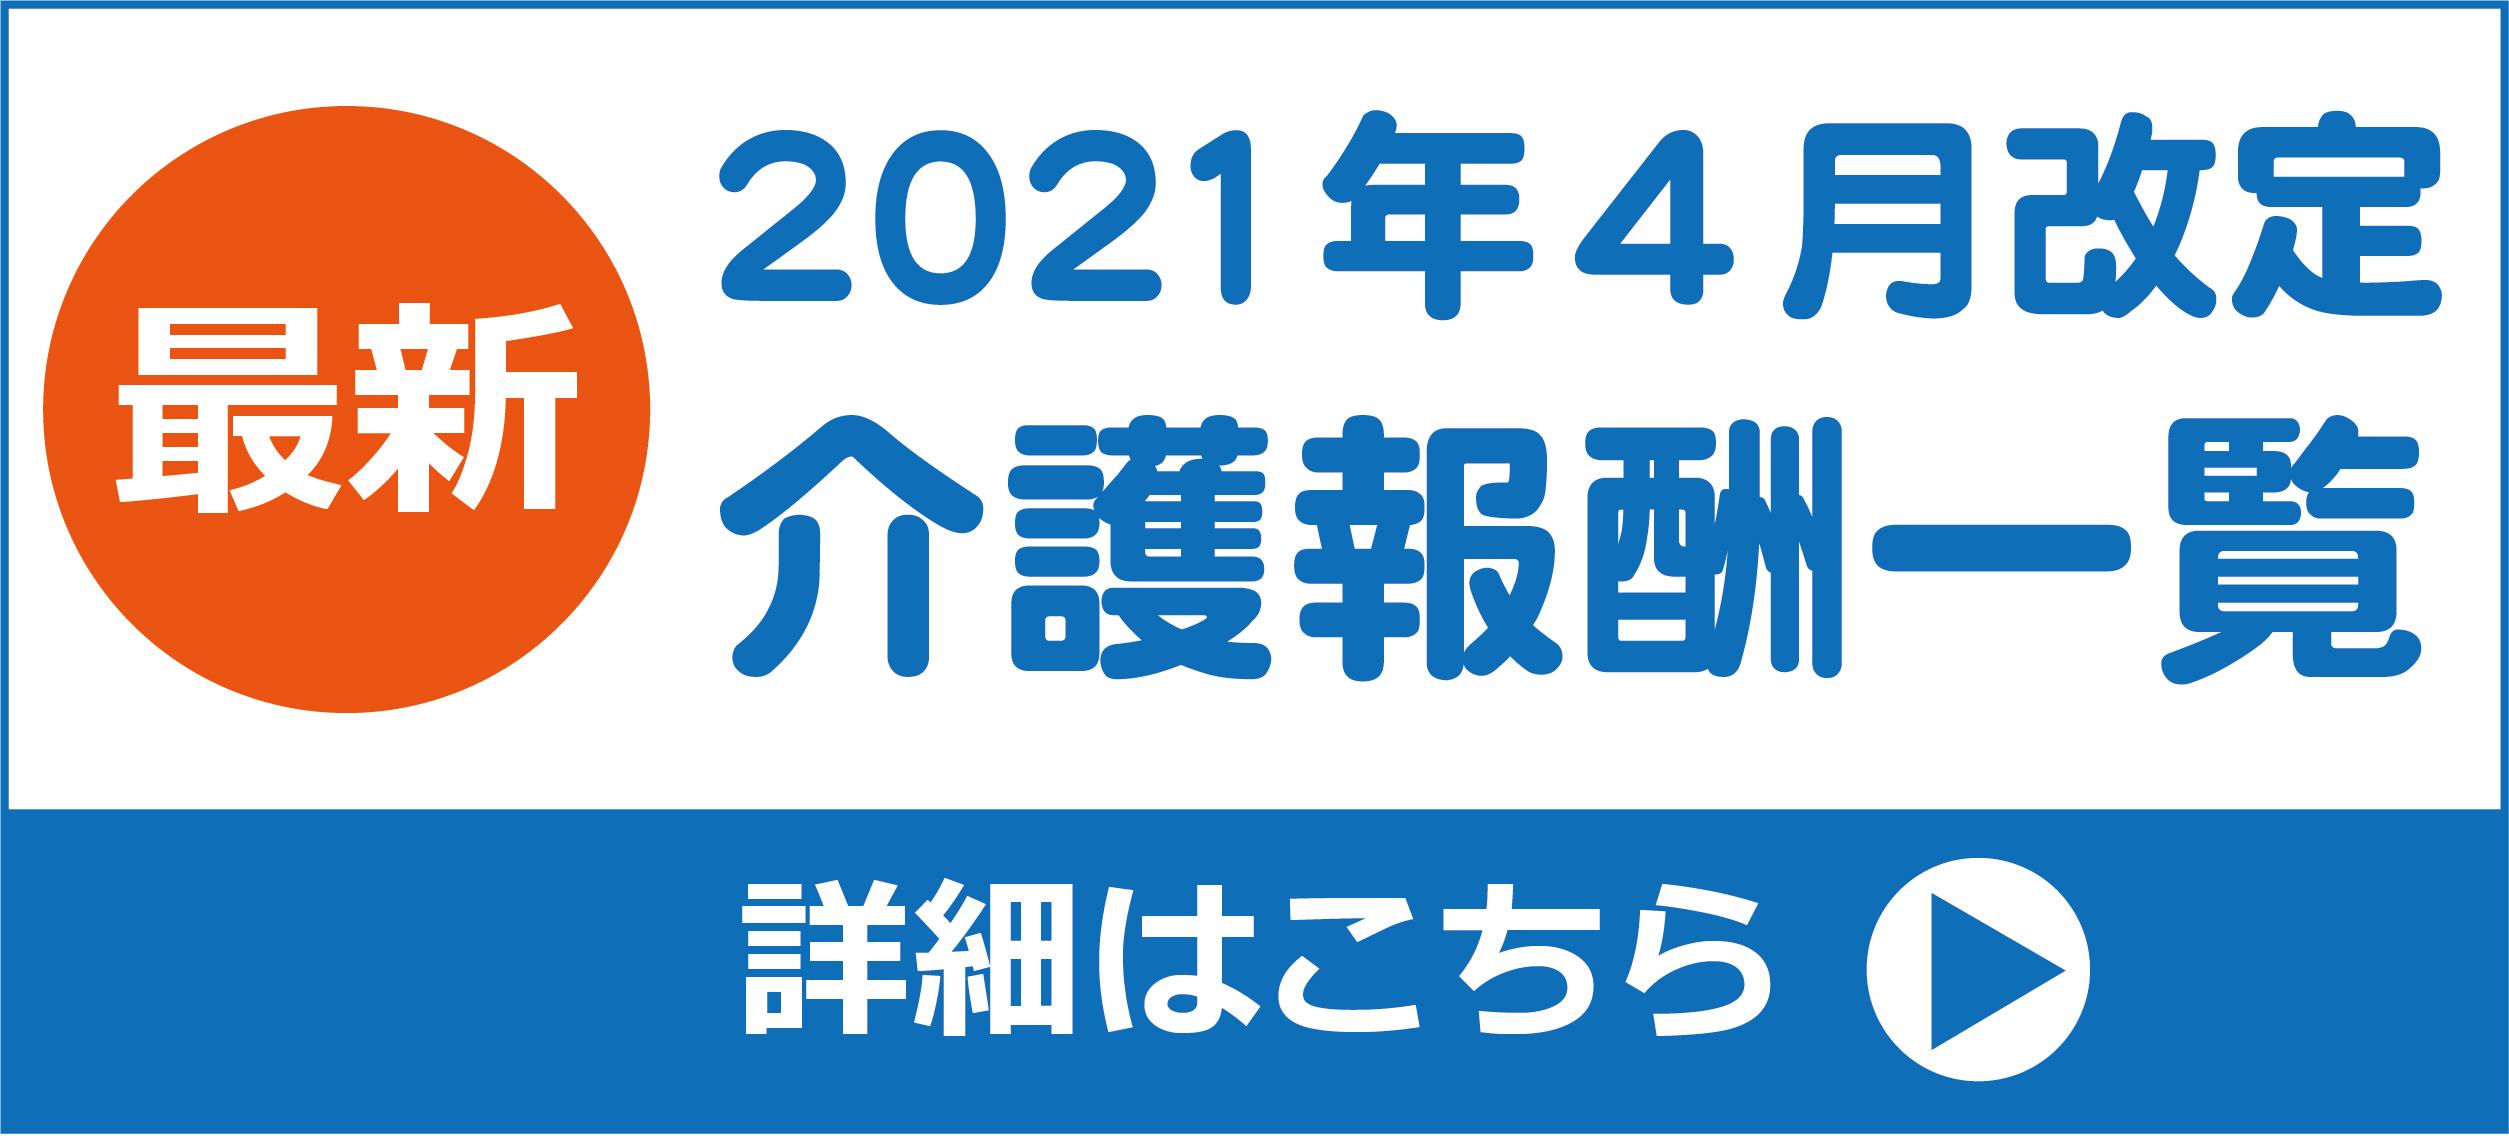 【最新】2021年4月改定 介護報酬一覧